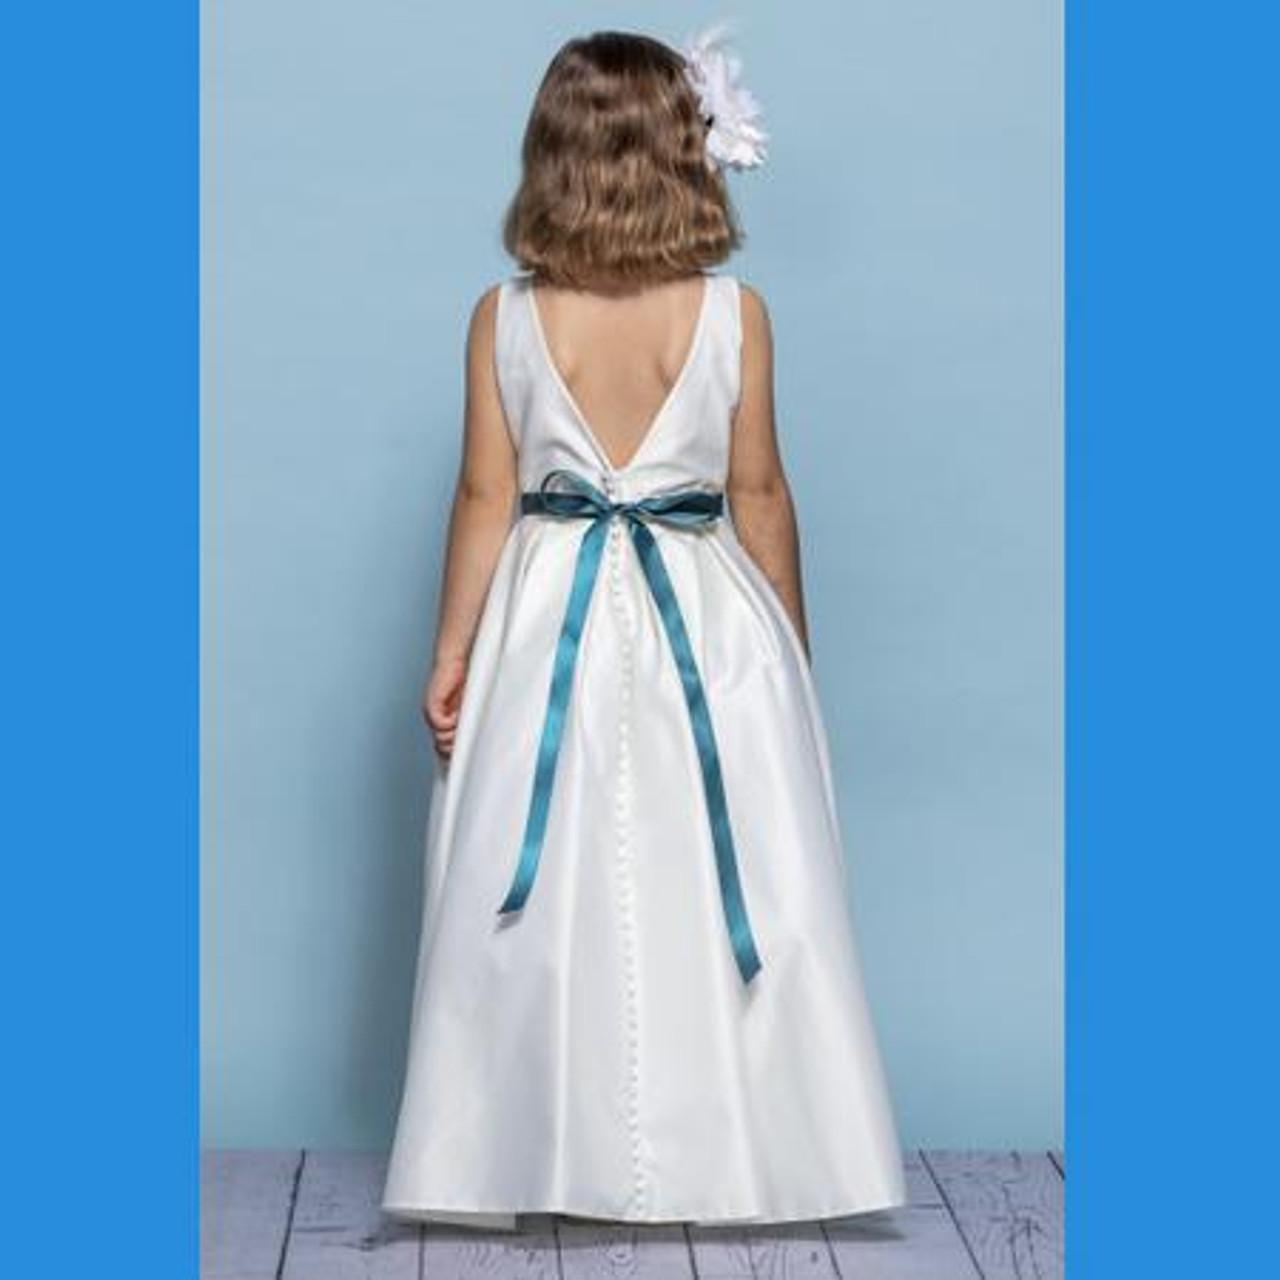 Rosebud Fashions Flower Girl Dresses Style 5139- Satin